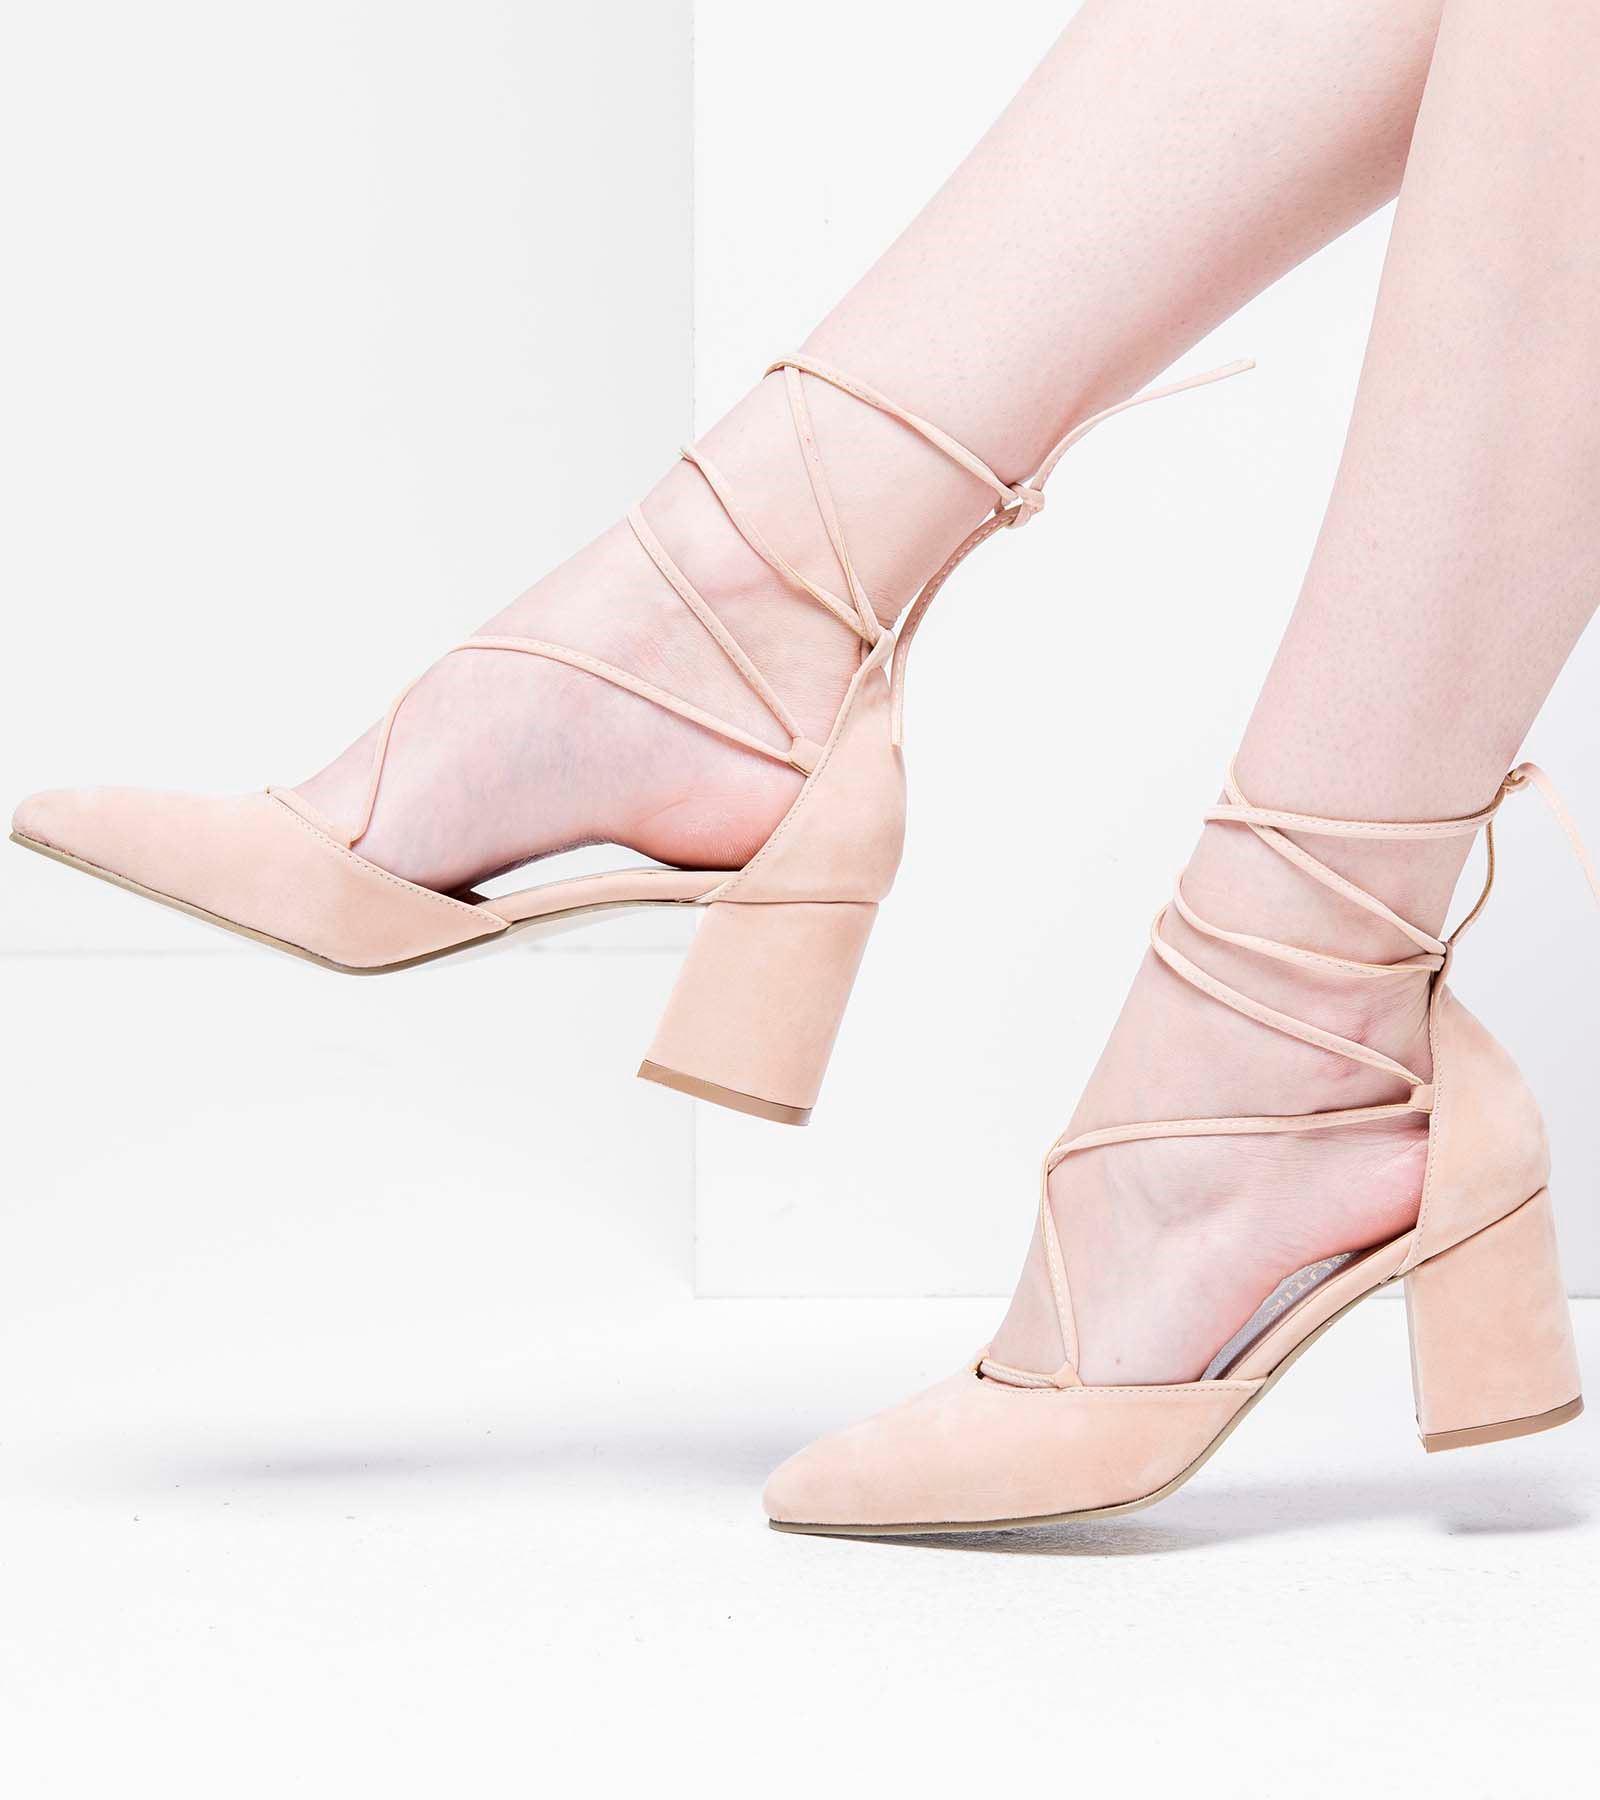 Lucy Topuklu Bağcıklı Süet Ayakkabı Pudra